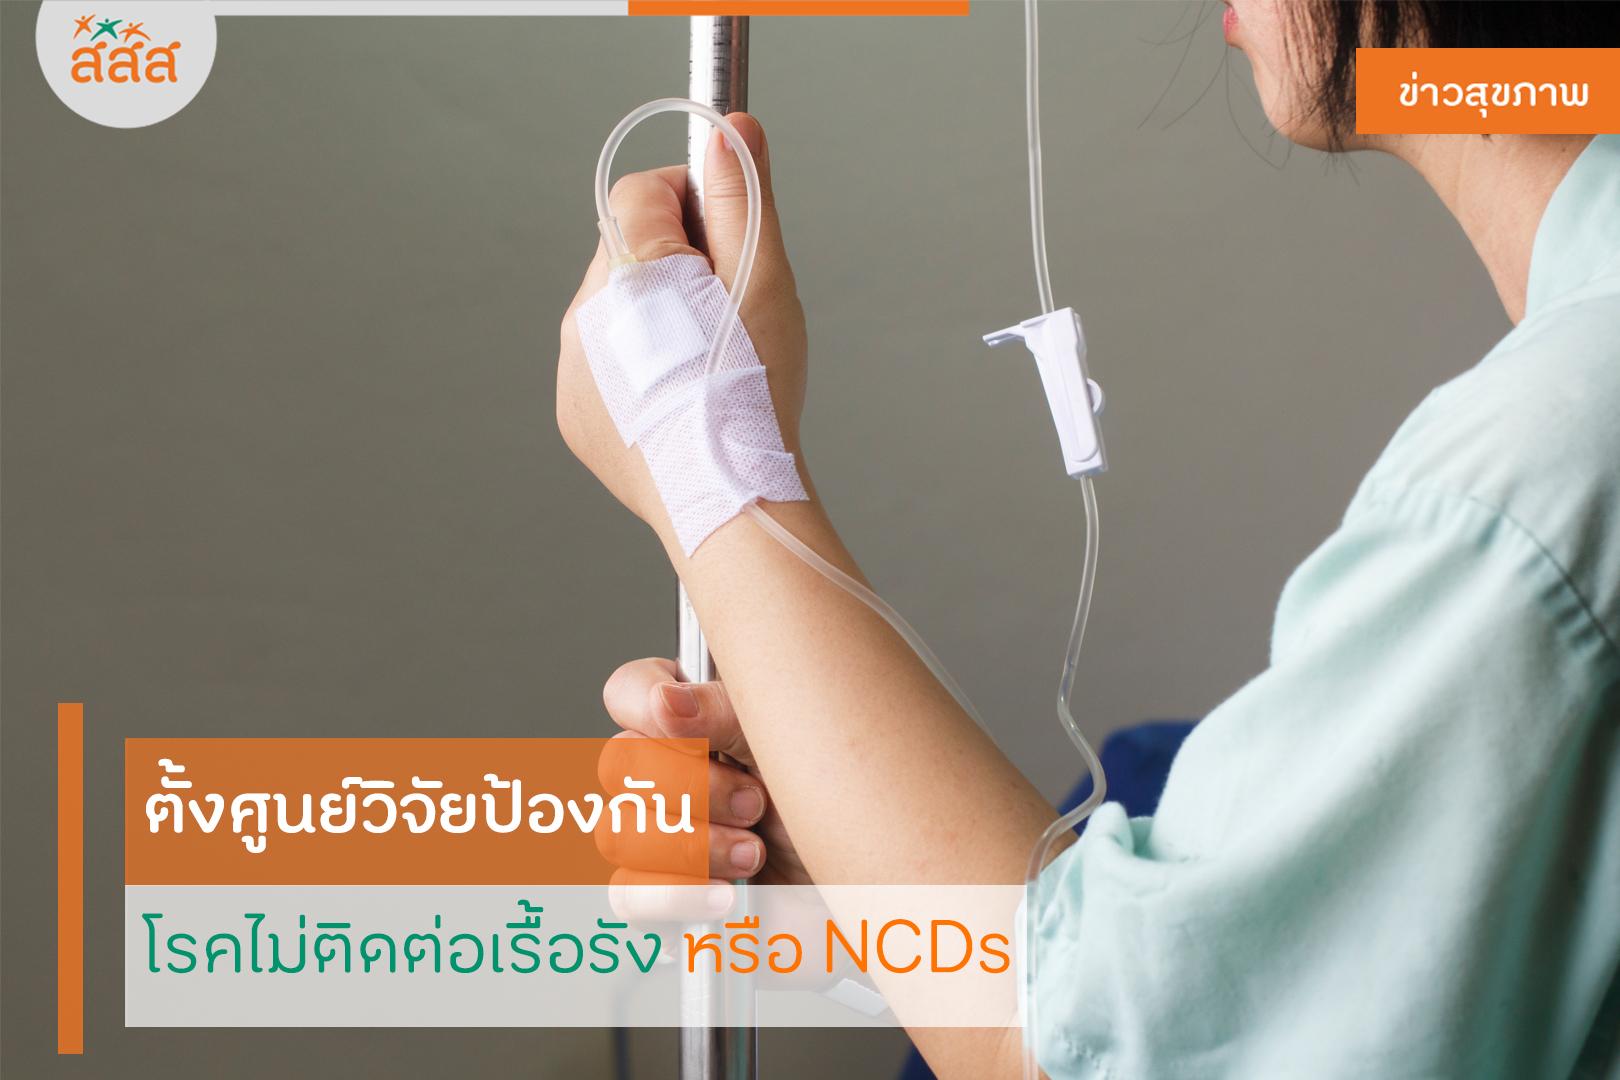 ตั้งศูนย์วิจัยป้องกัน โรคไม่ติดต่อเรื้อรัง หรือ NCDs thaihealth